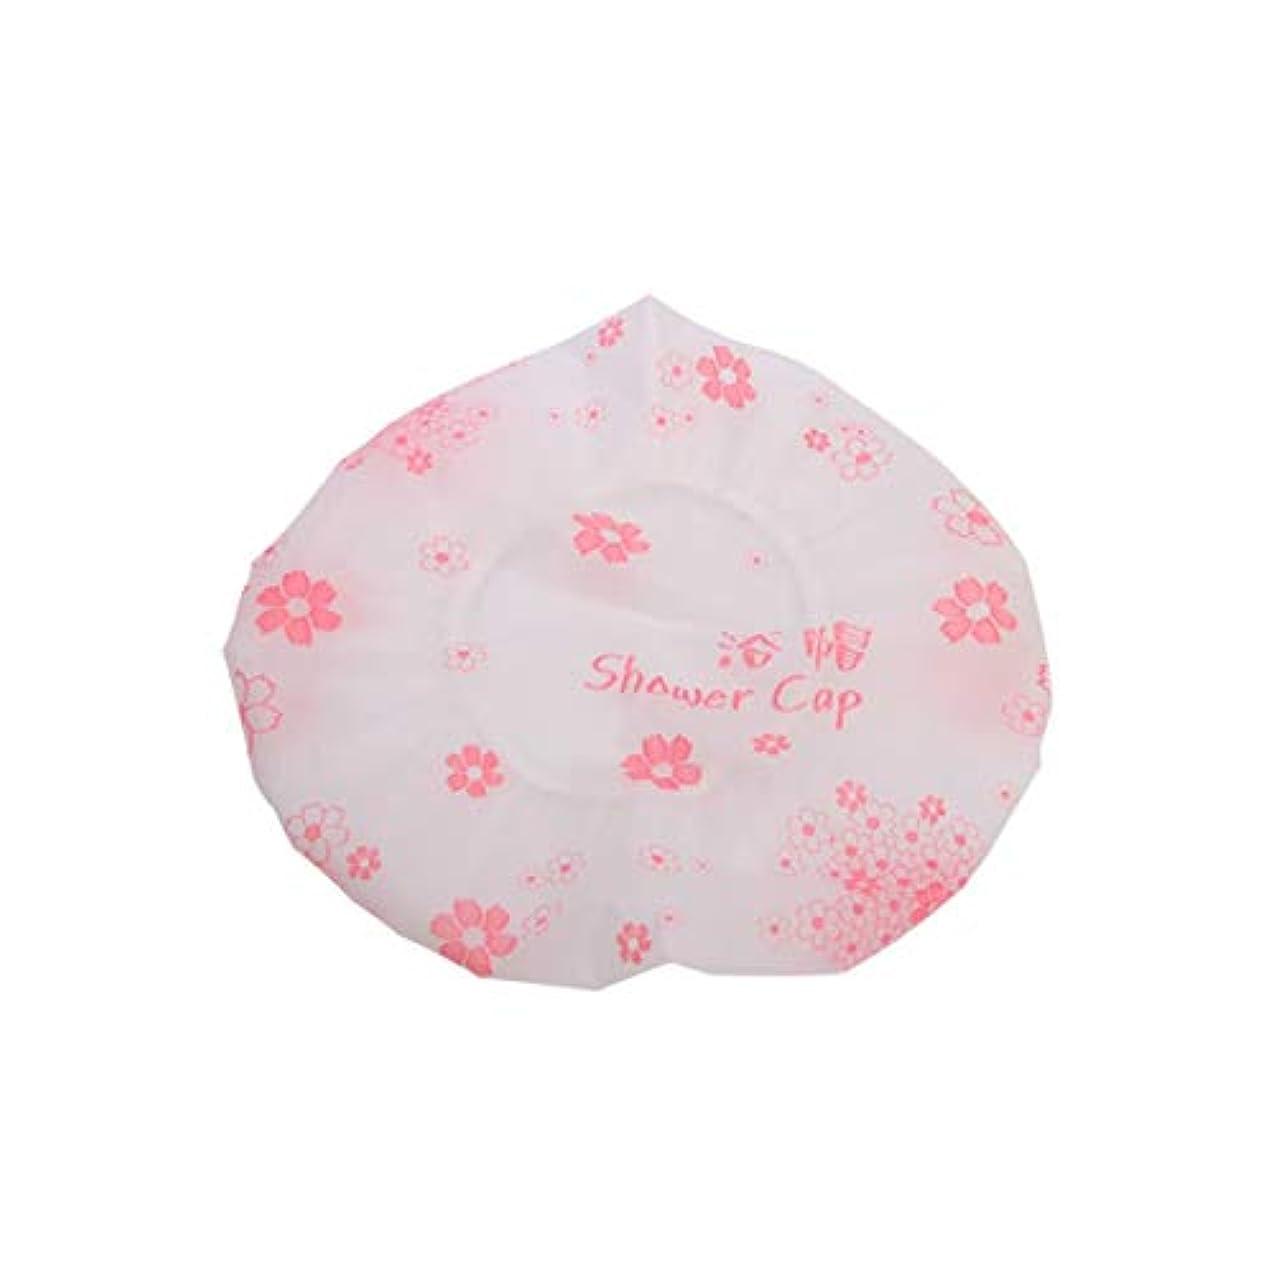 ペンフレンドヒステリックテニスHMSH キャップ防水弾性シャワーキャッププリントシャワーキャップ(ランダムな色)をシャワー (Color : Pink)